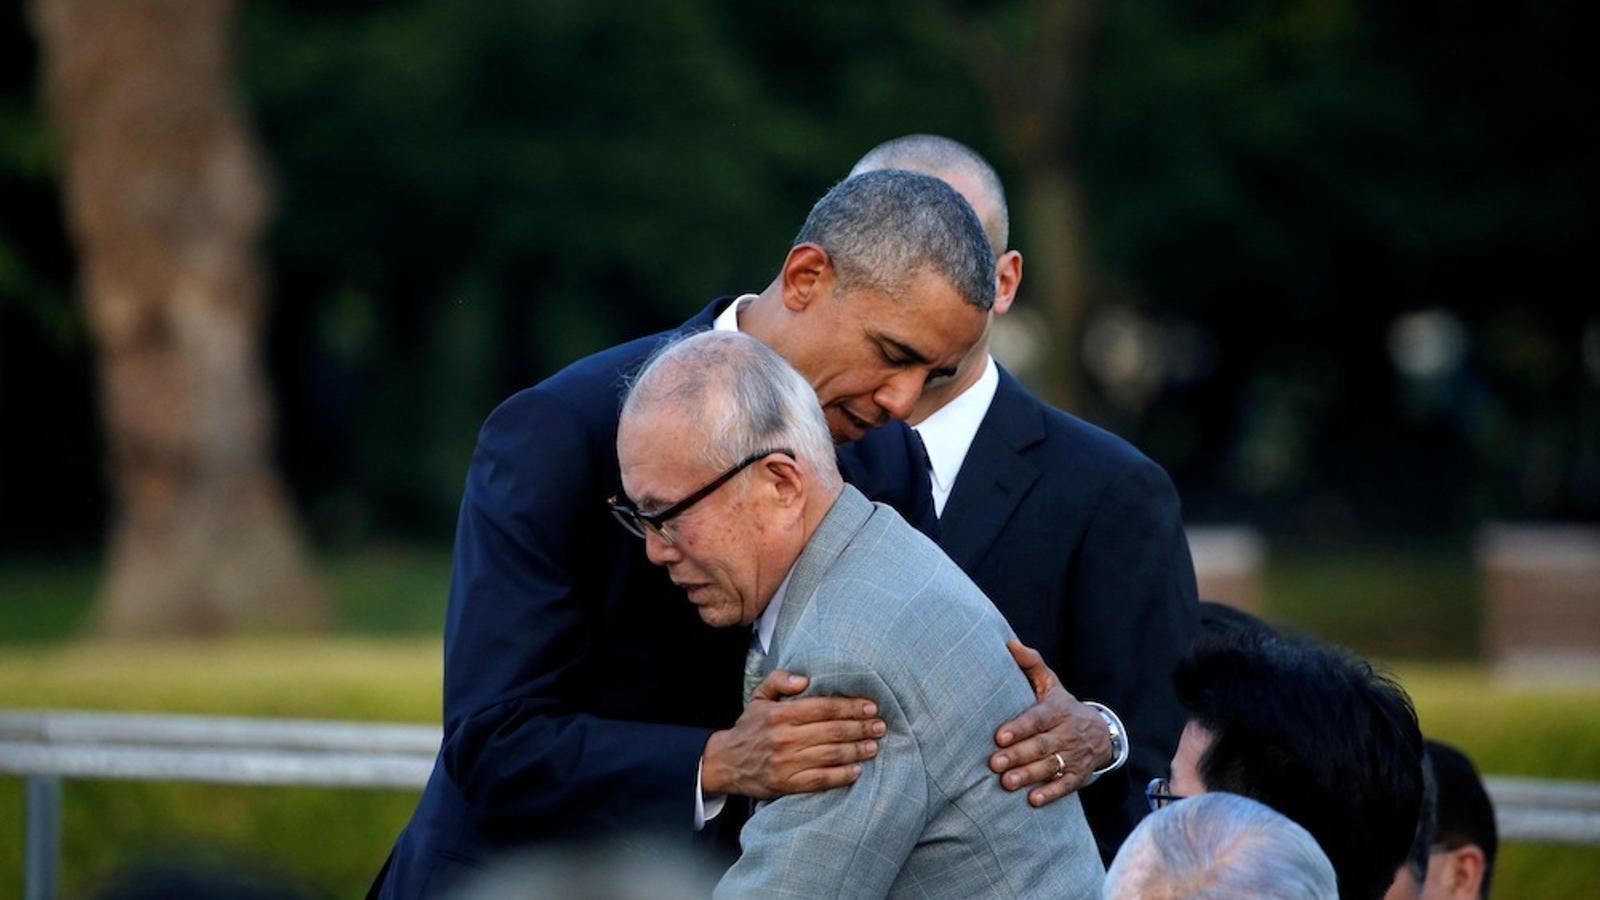 """Obama a Hiroshima: """"La memòria de les víctimes mai pot desaparèixer"""""""